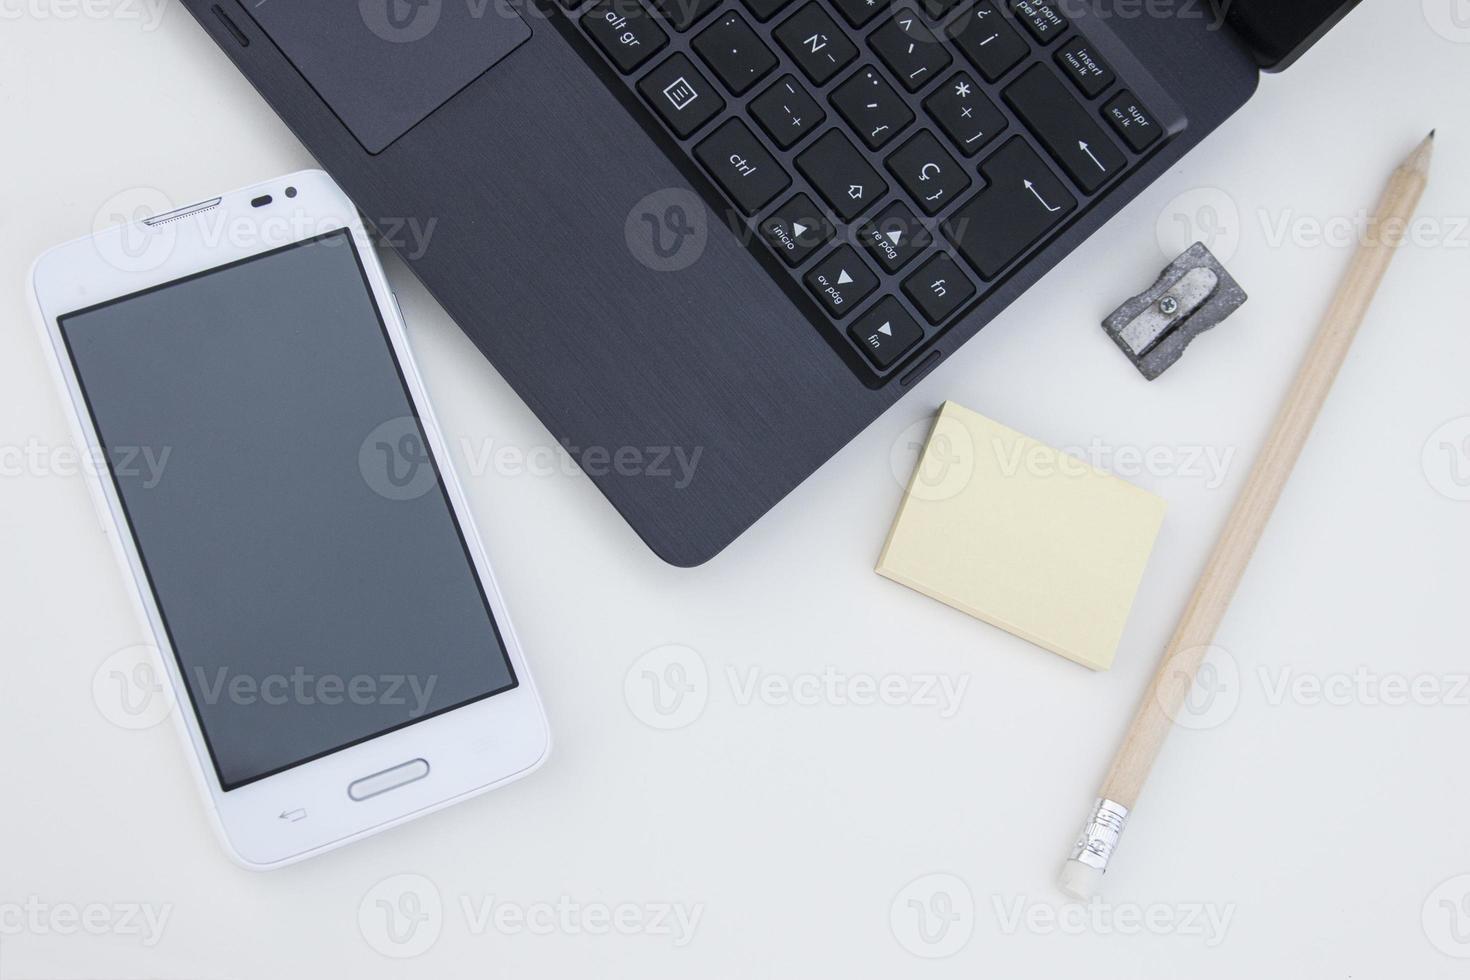 espacio de trabajo con computadora portátil, móvil, clips, lápiz, publíquelo en blanco foto